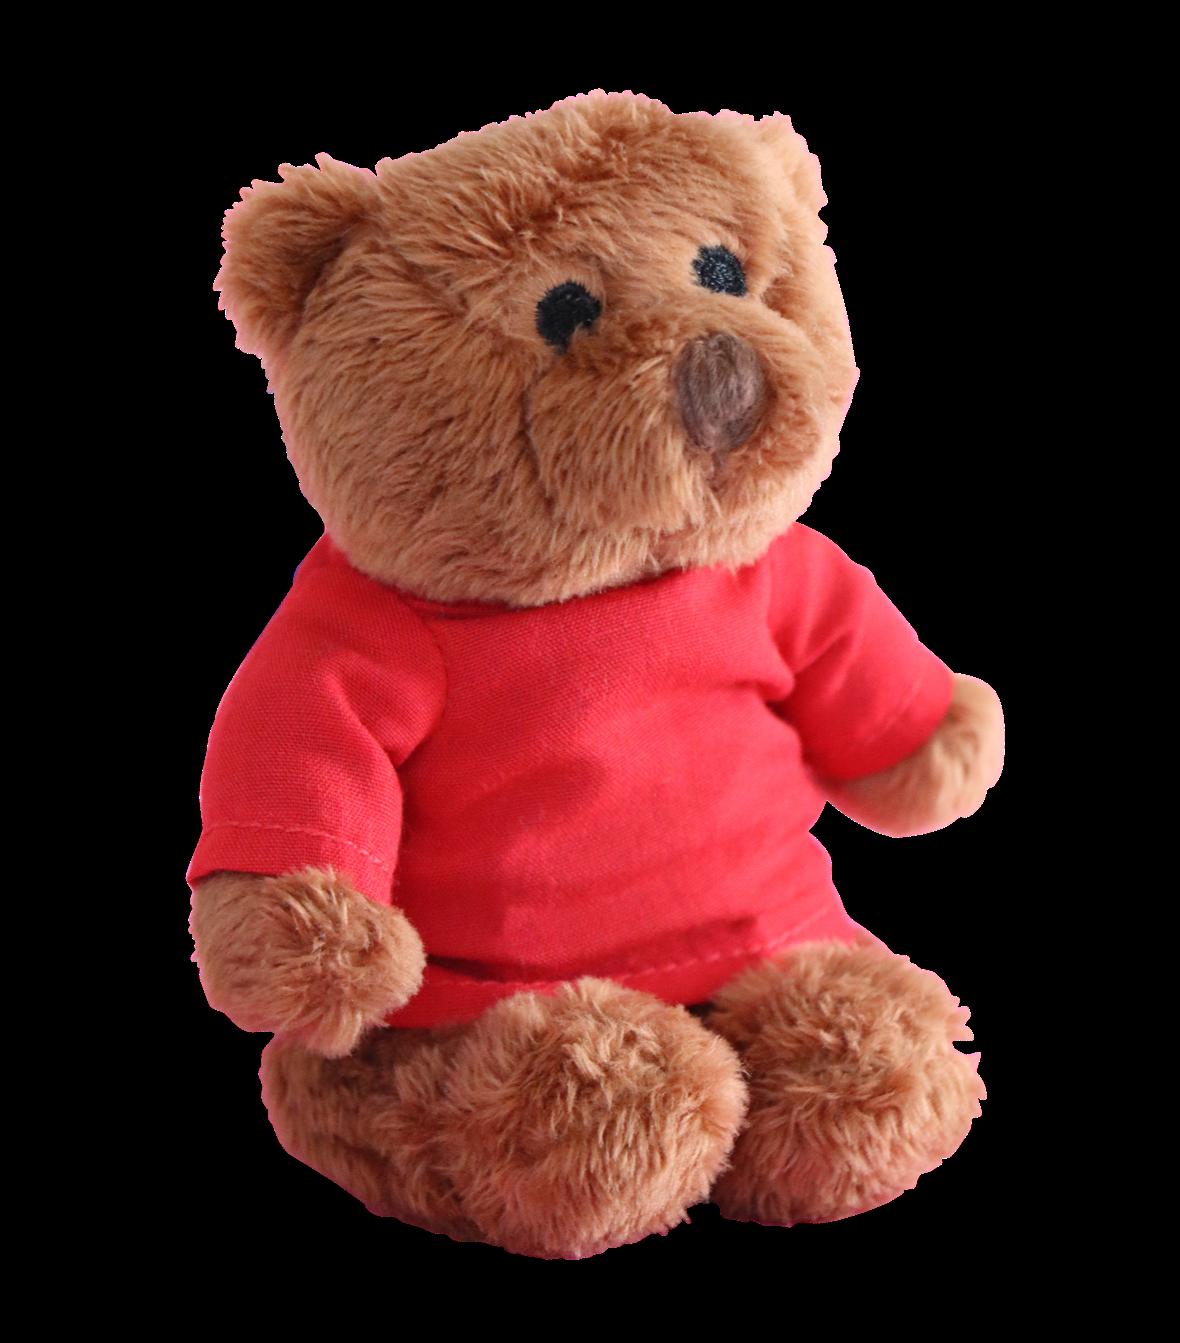 Teddy_frei_190607